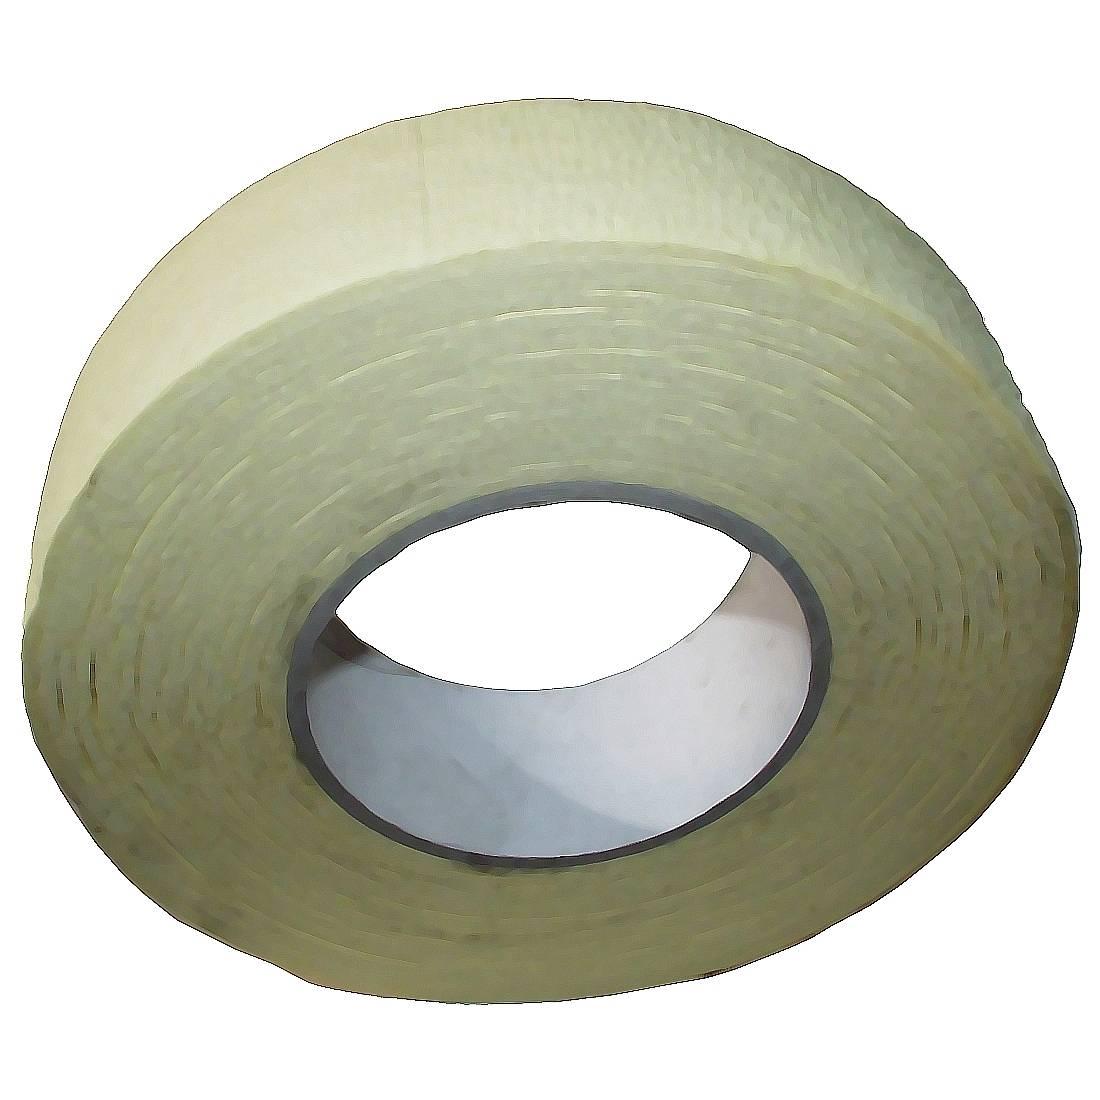 Feinkreppband T721, 19 mm x 50 m / Rolle